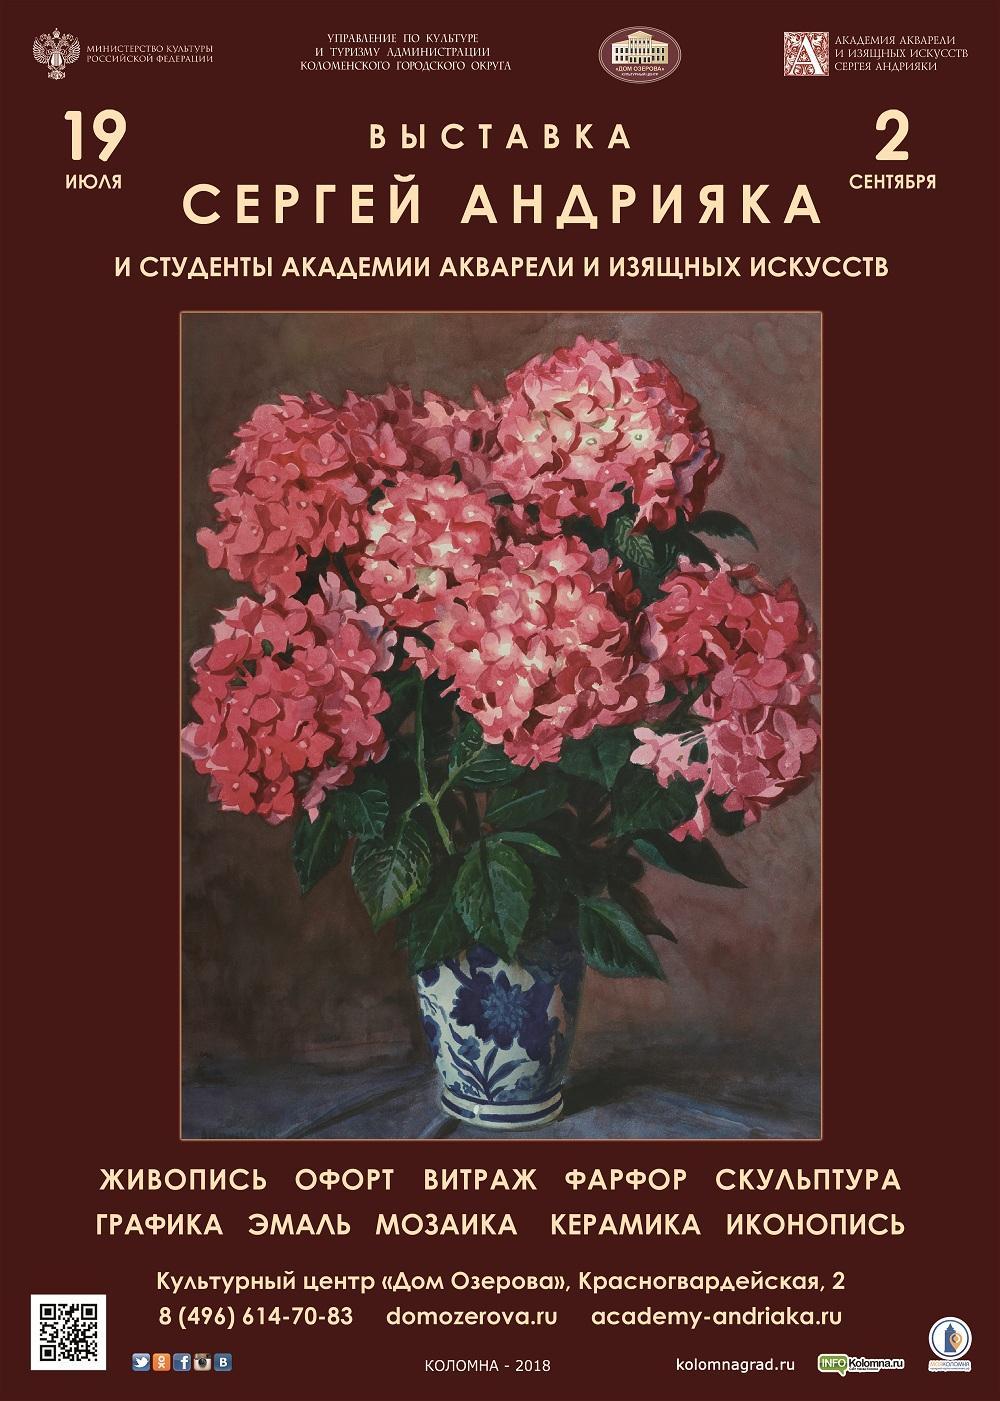 Выставка «Сергей Андрияка и студенты Академии изящных искусств»